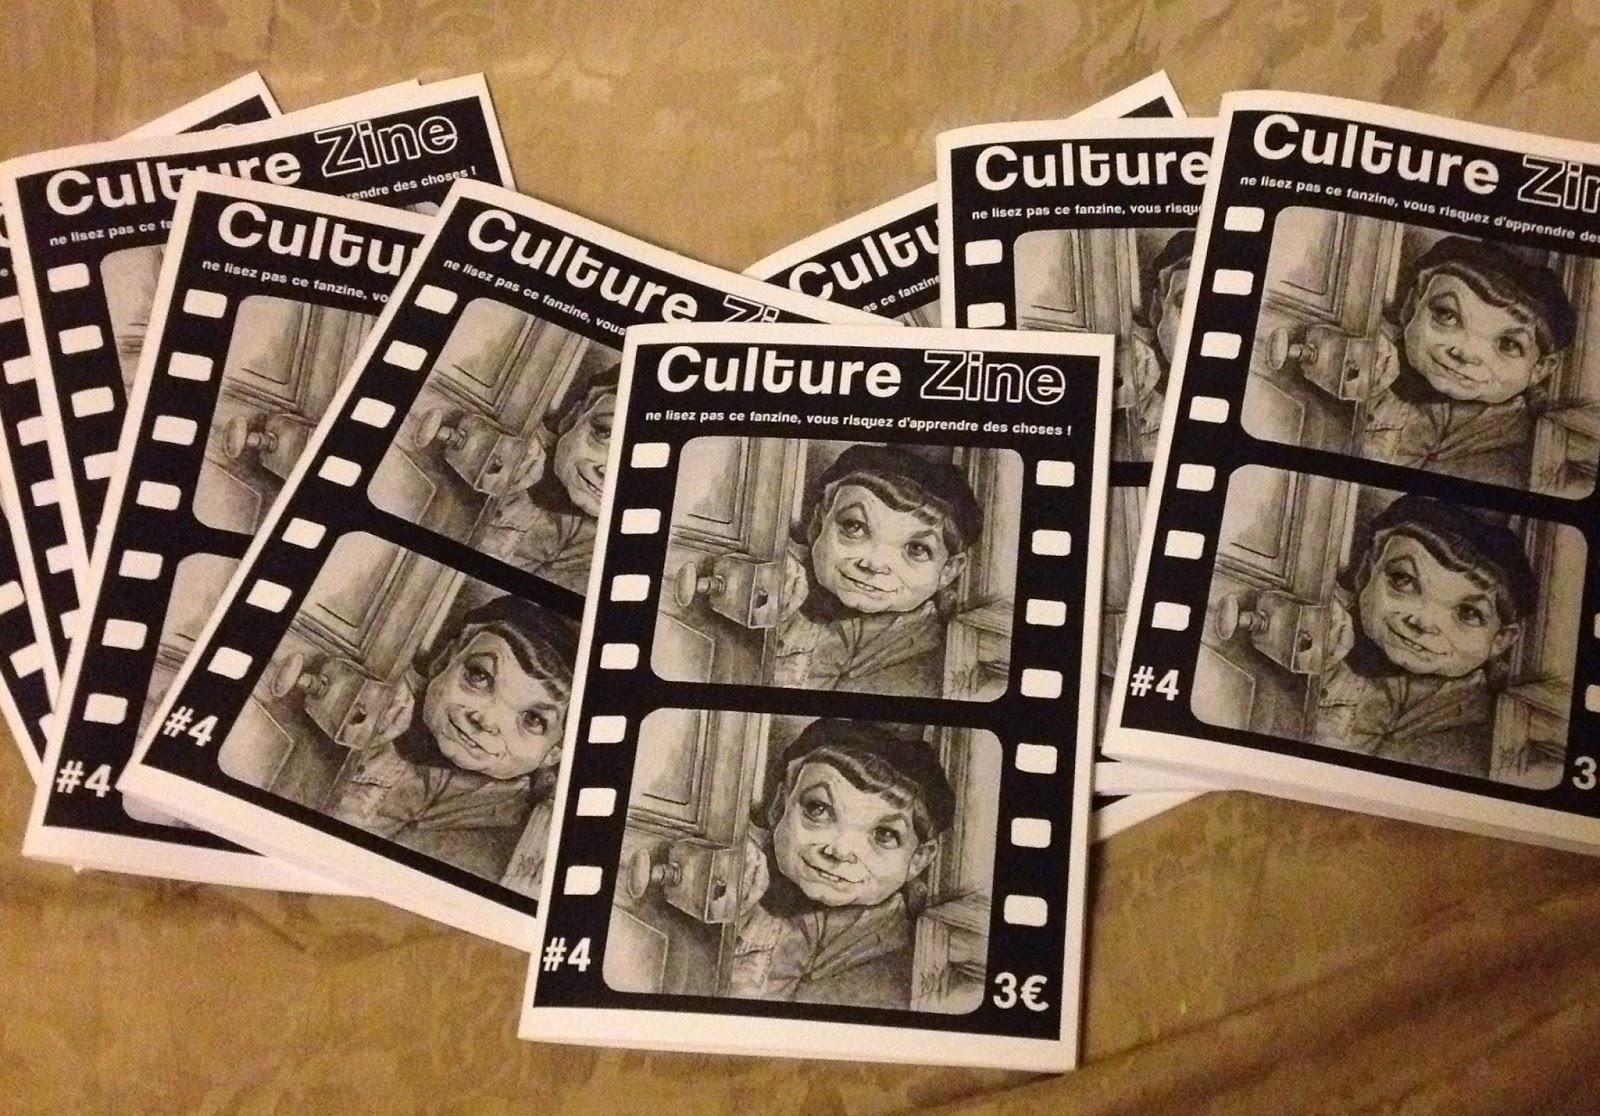 https://culturezinefanzine.wordpress.com/2014/12/08/le-numero-4-vient-de-paraitre/